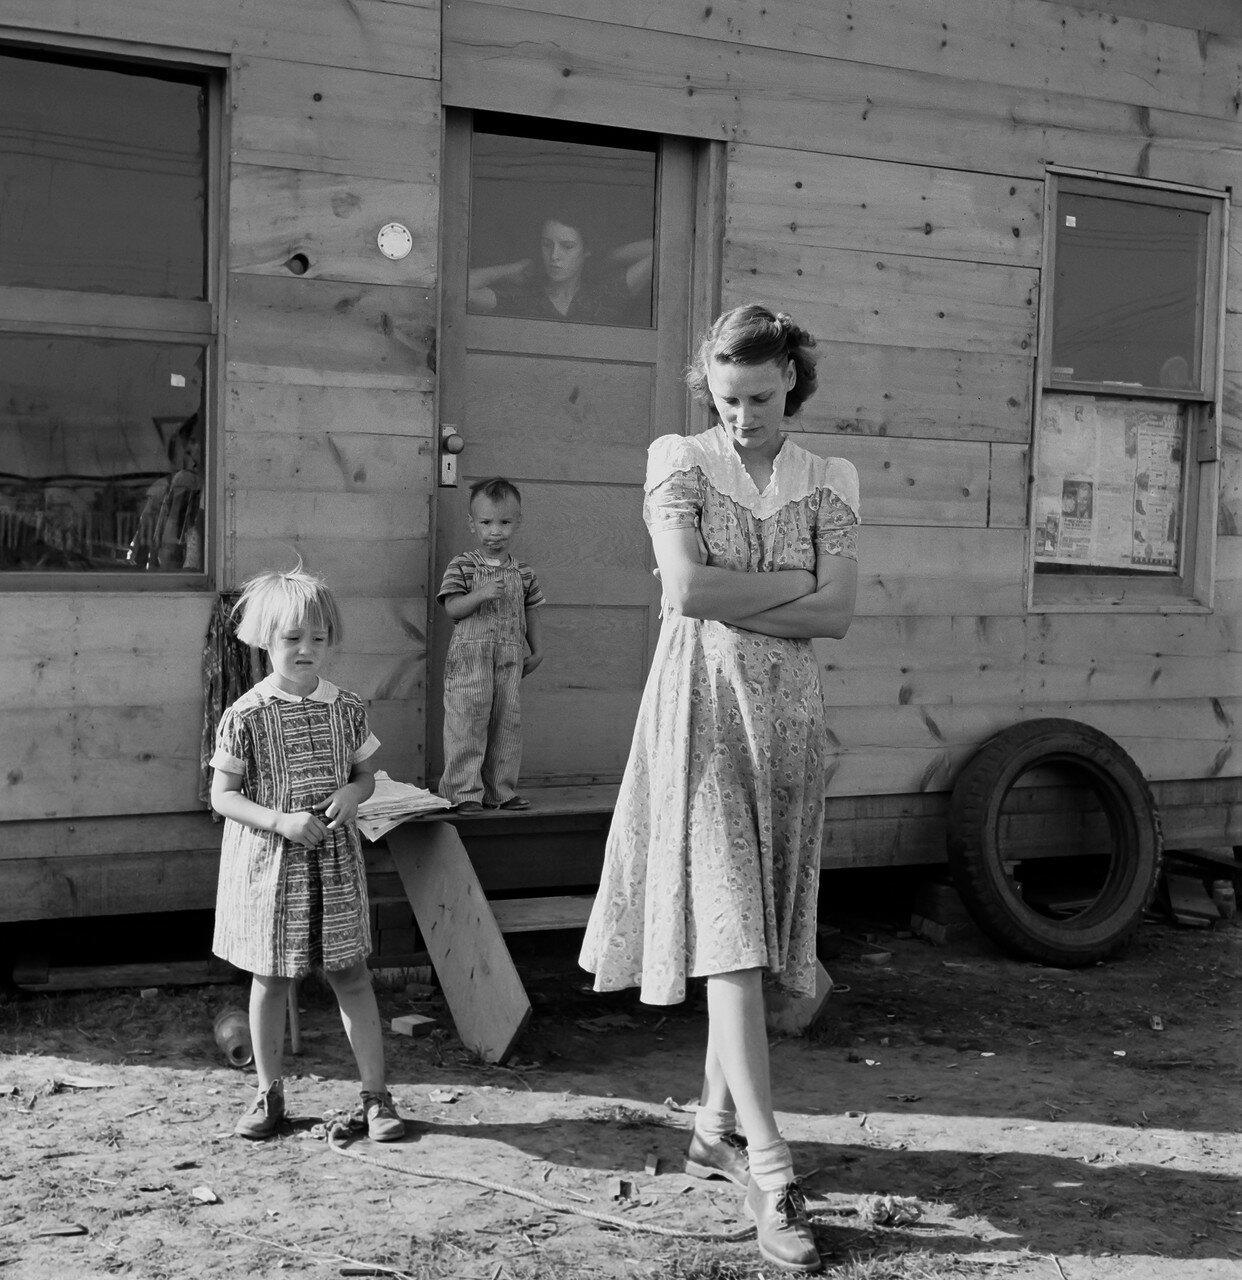 1939. Молодая мать, двадцать пять лет, говорит: «В следующем году мы покрасим дом и посадим цветы». Орегон